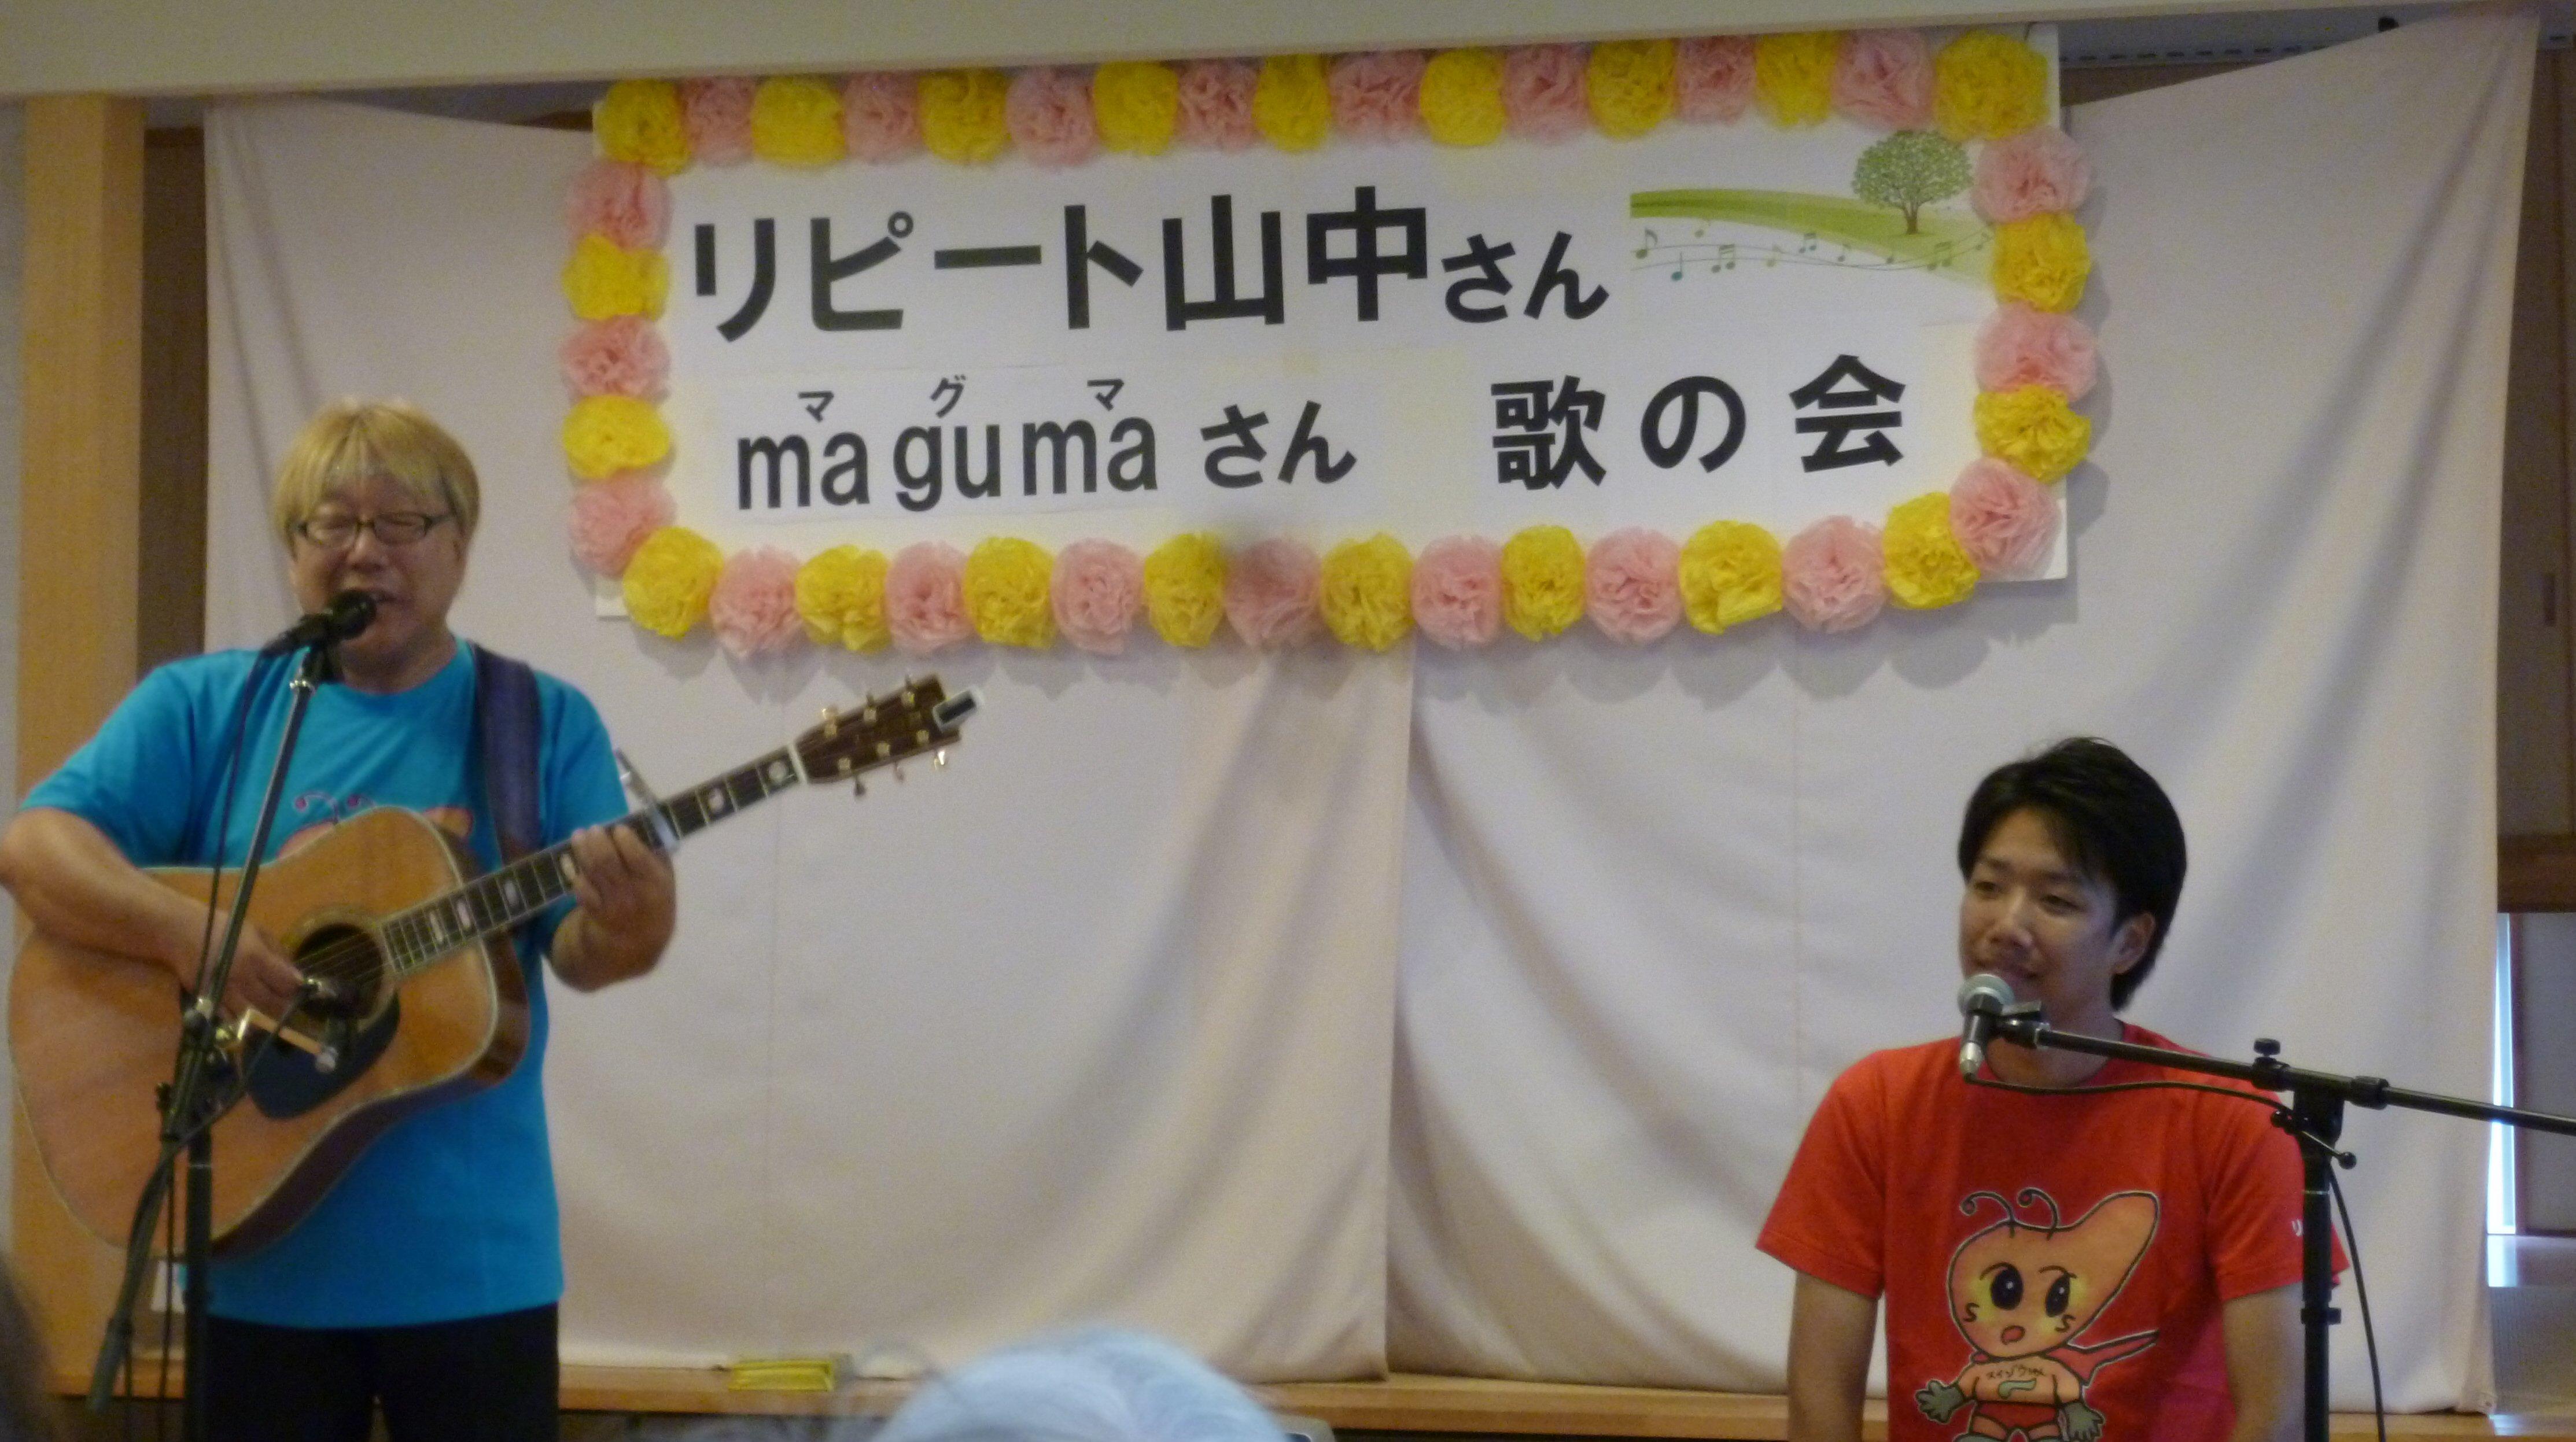 リピート山中さん・マグマさんコンサート1